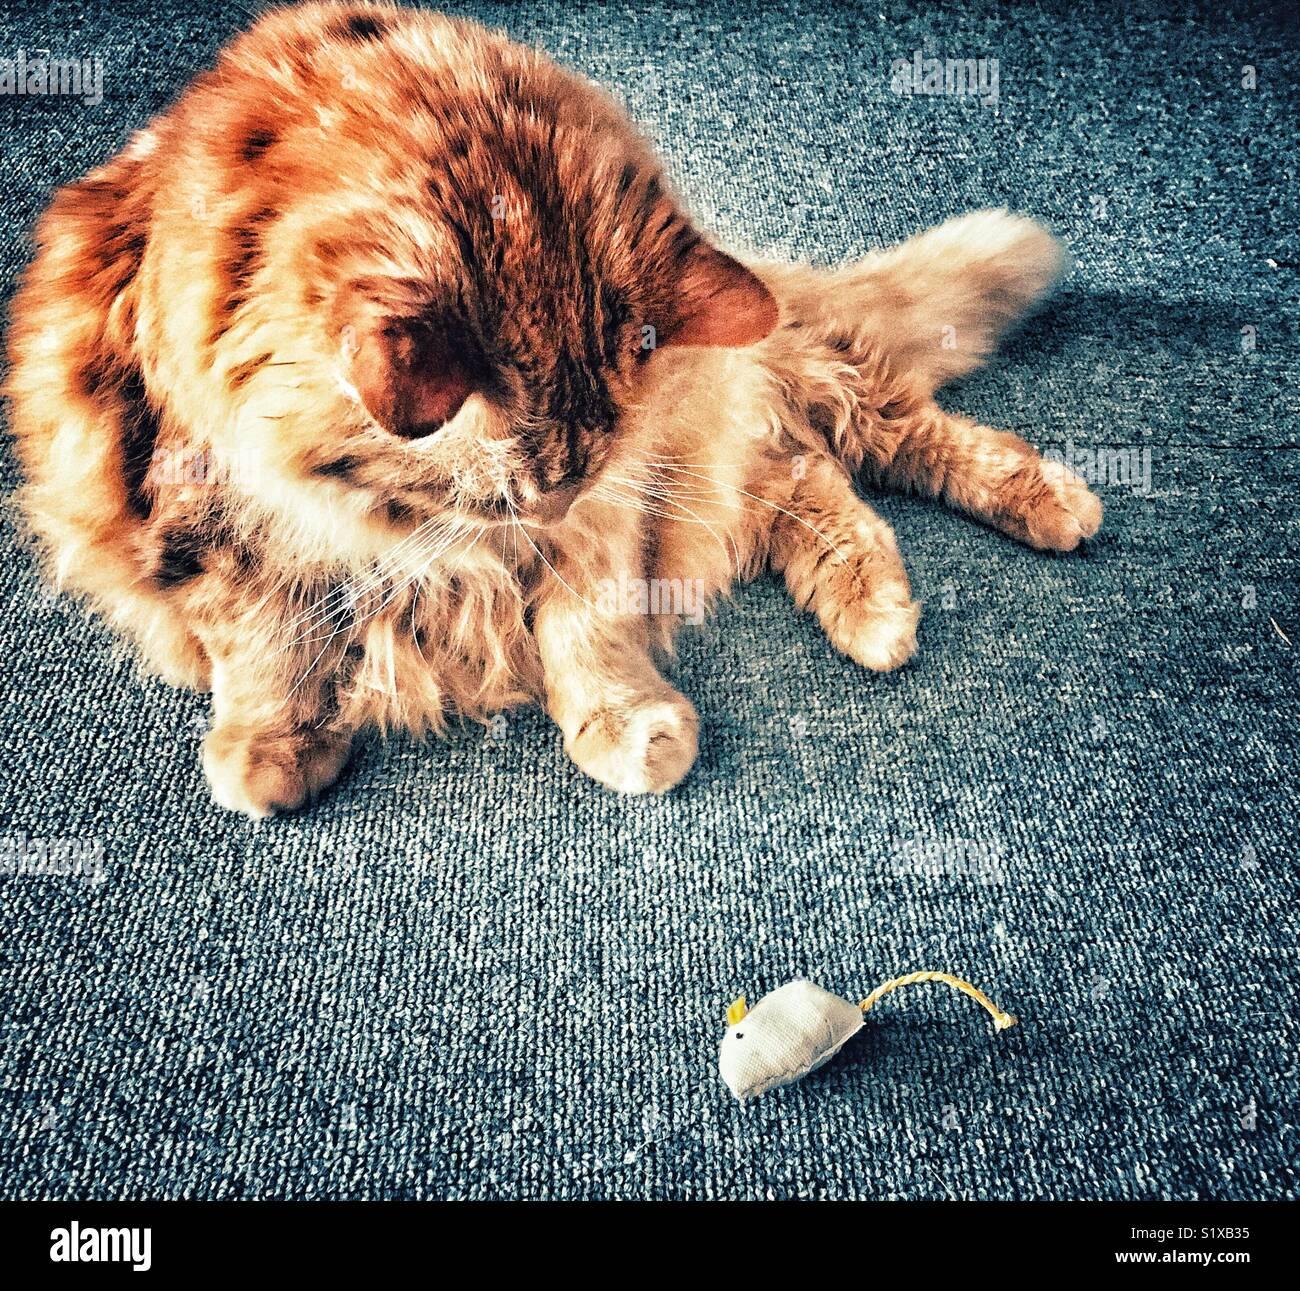 Große, flauschige Langhaarige orange Katze spielzeug Maus suchen Stockfoto